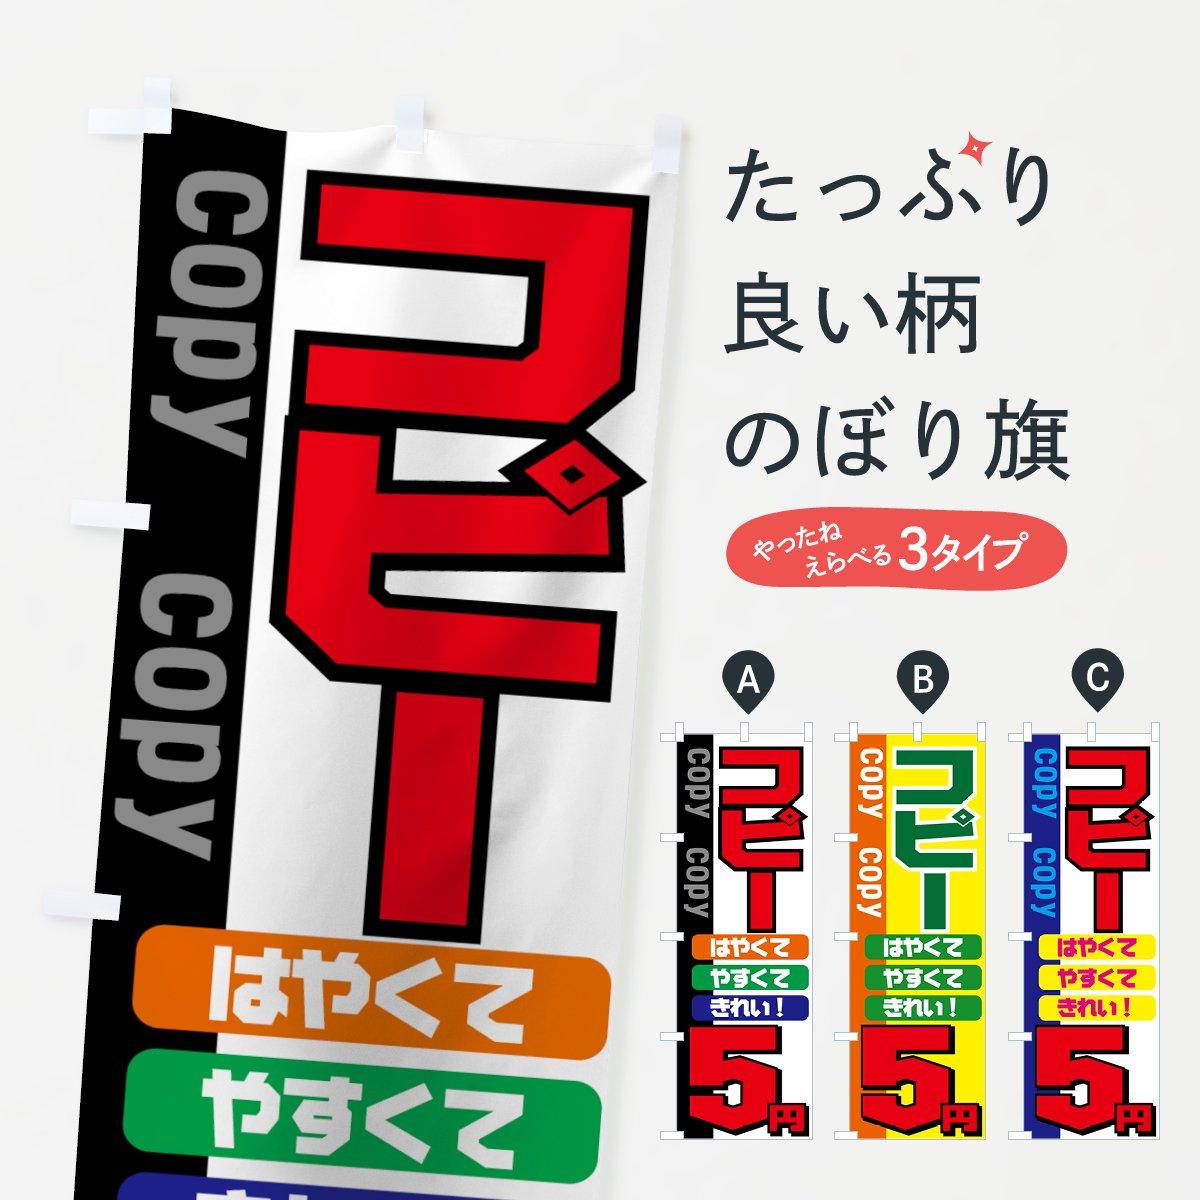 のぼり旗 コピー5円 はやくて やすくて きれい copy 鮮やかのぼり